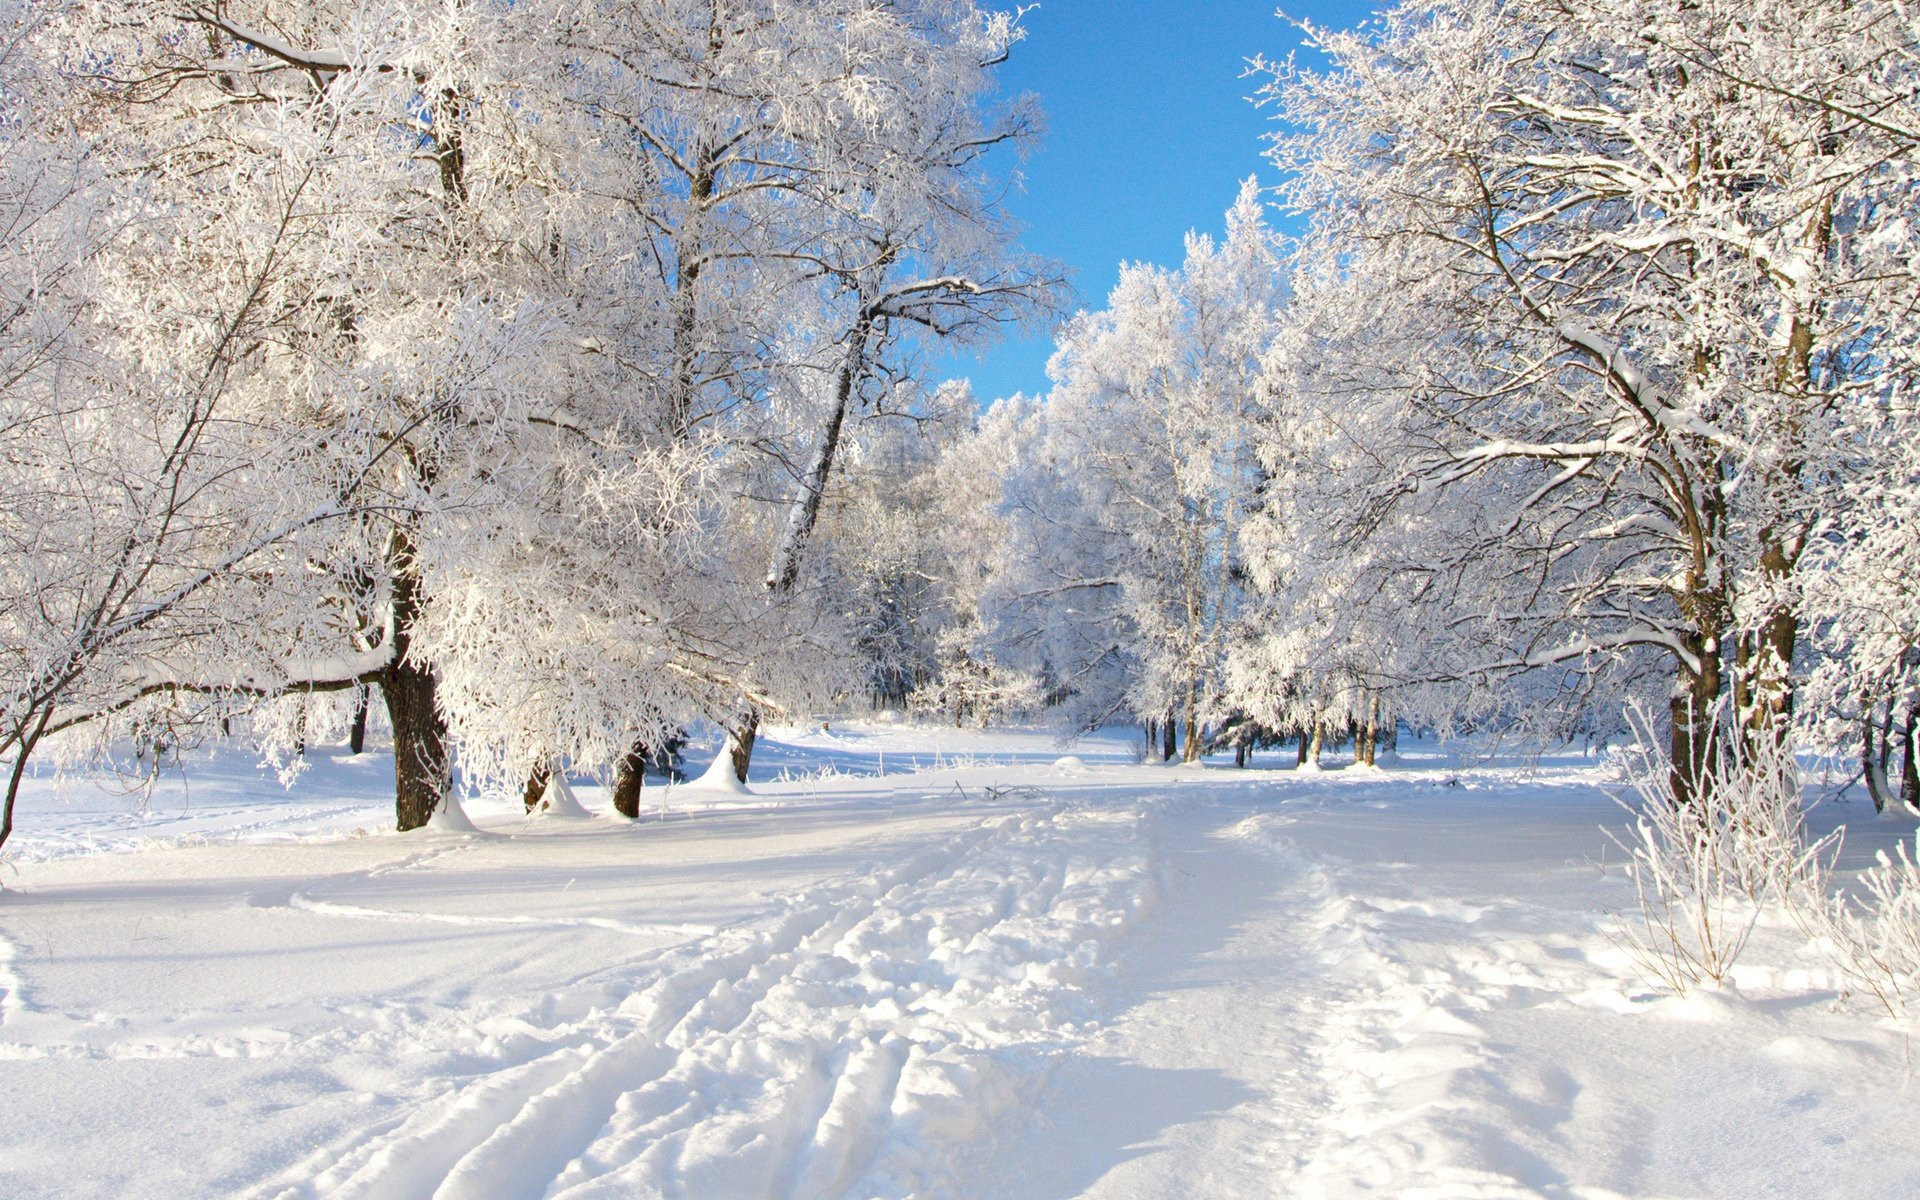 Free Winter Desktop Wallpaper, wallpaper, Free Winter Desktop ...